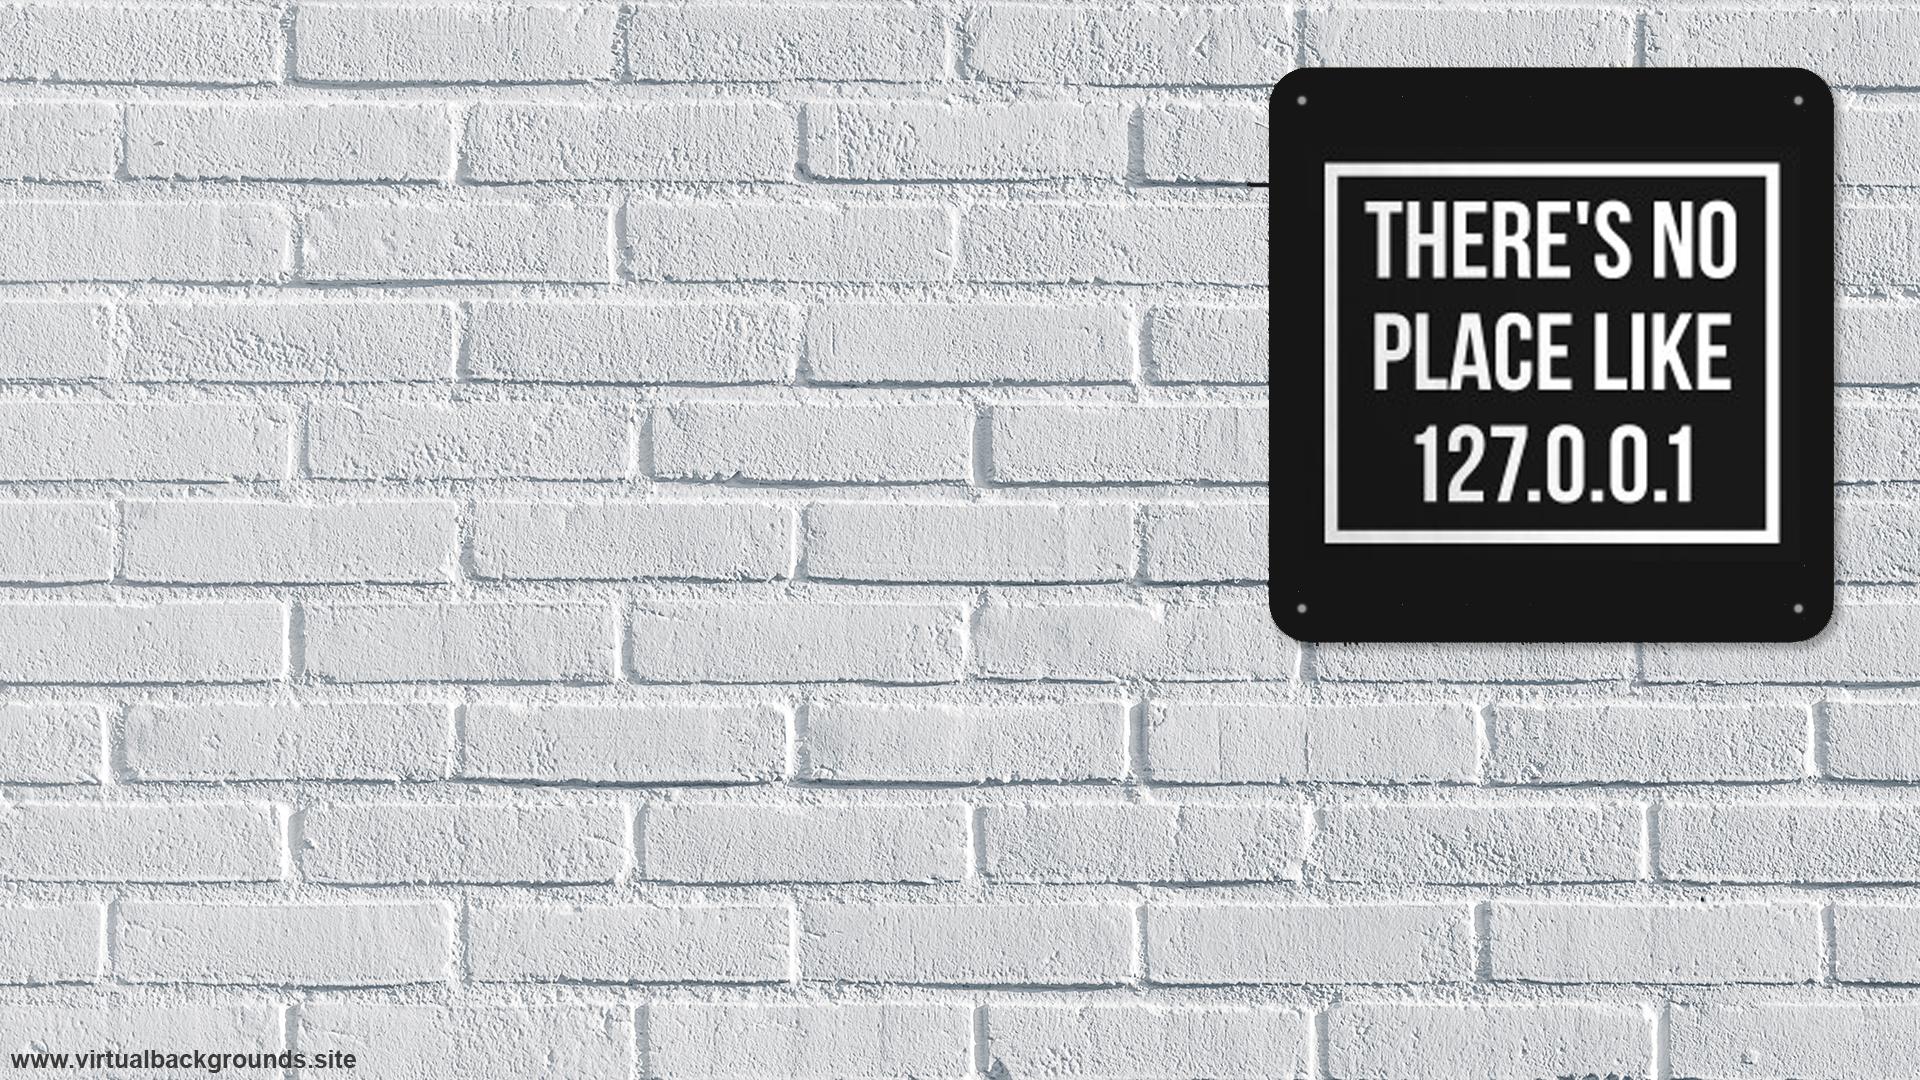 Placa there's no place like 127.0.0.1. Fondo virtual gratuito para Zoom, Microsoft Teams, Skype, Google Meet, WebEx o cualquier otra aplicación compatible.